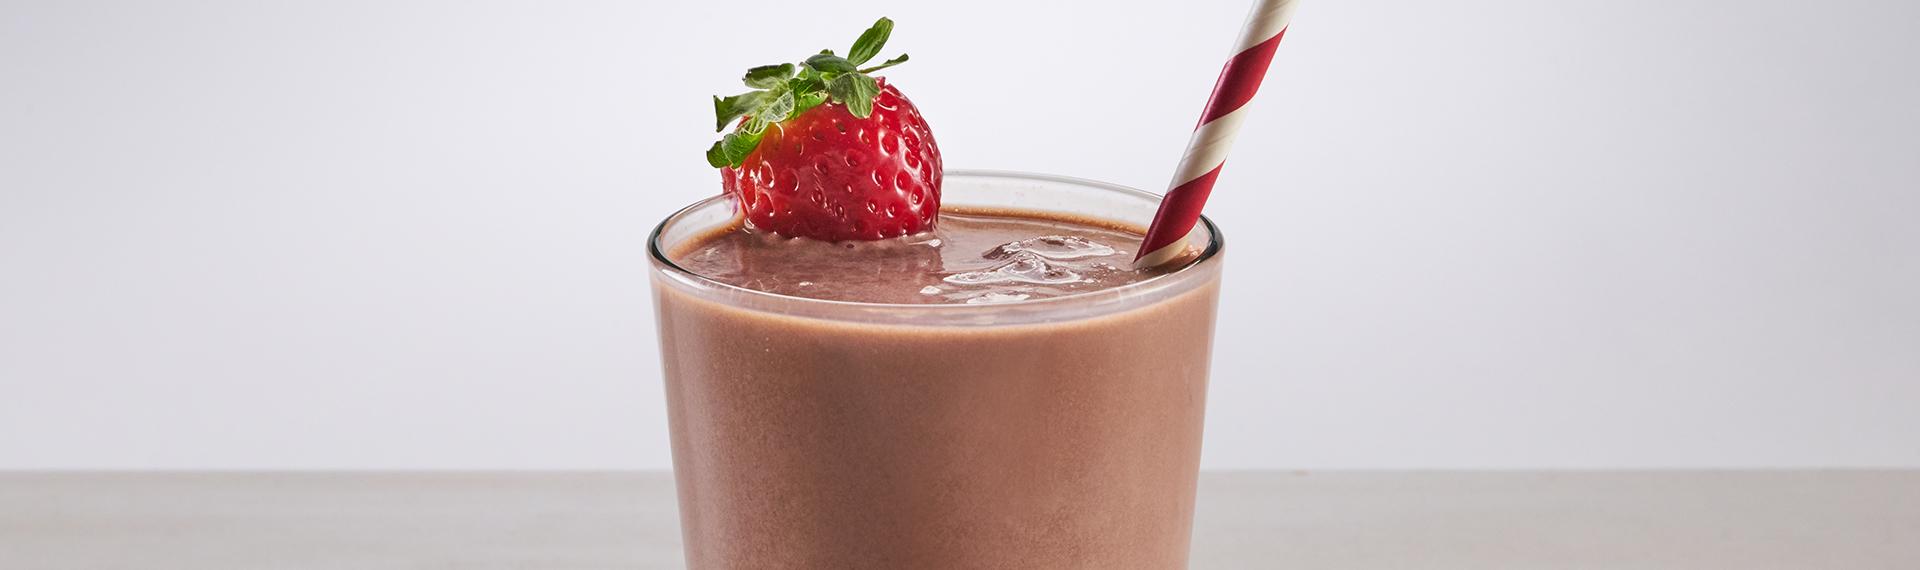 Dark Chocolate Strawberry Shake